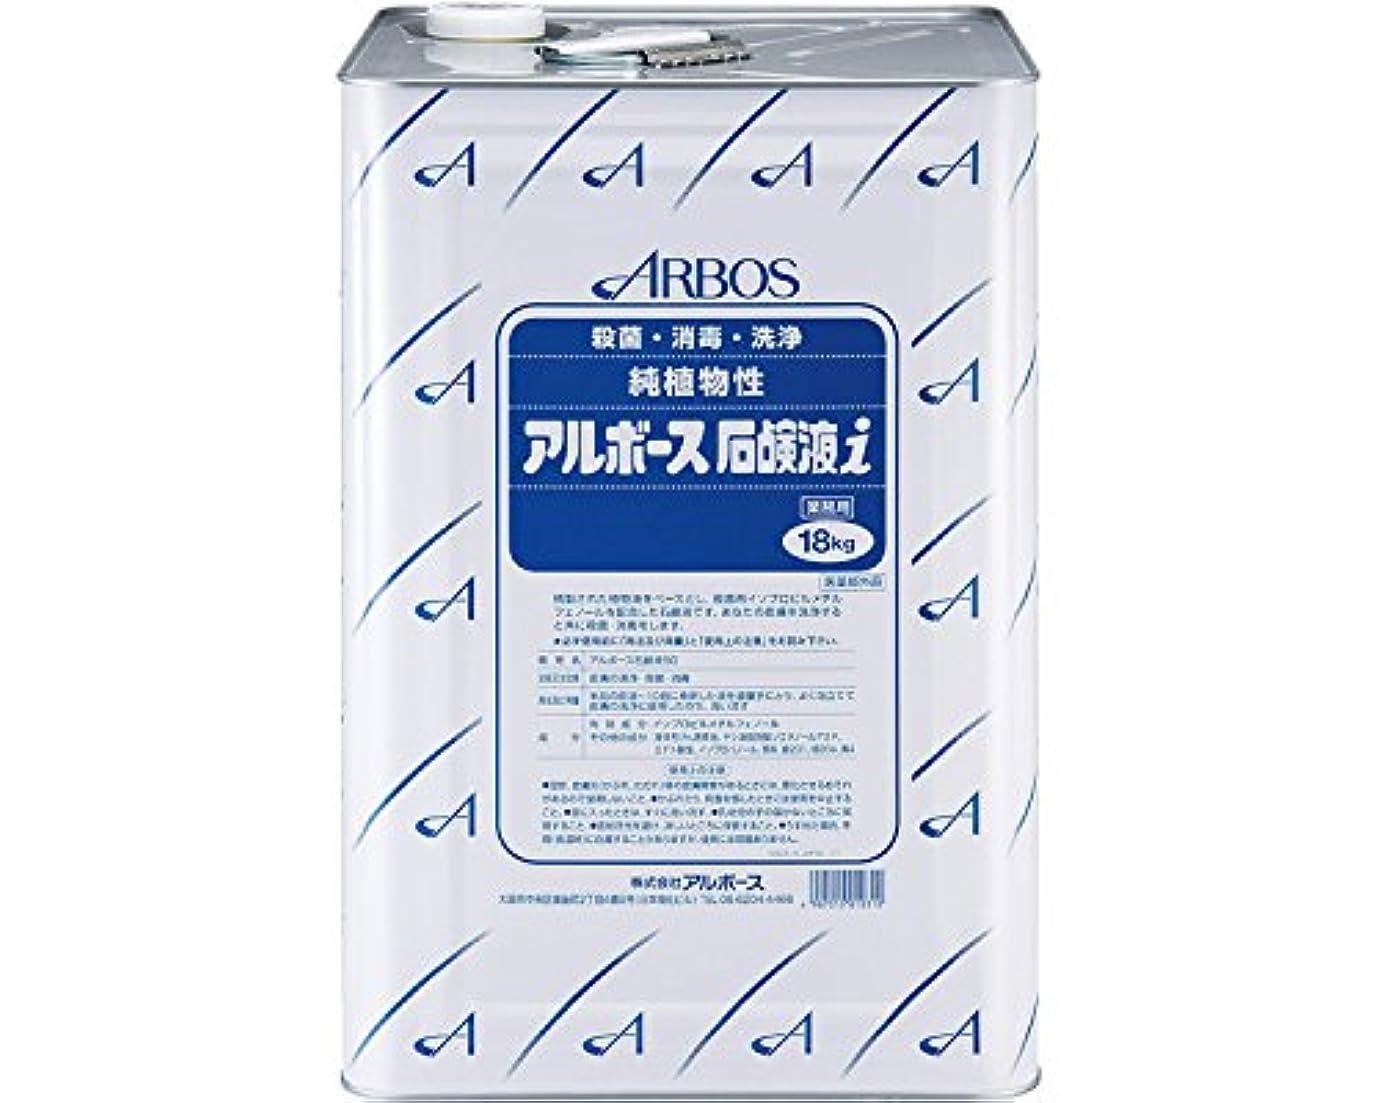 アルボース石鹸液i 18kg (アルボース)